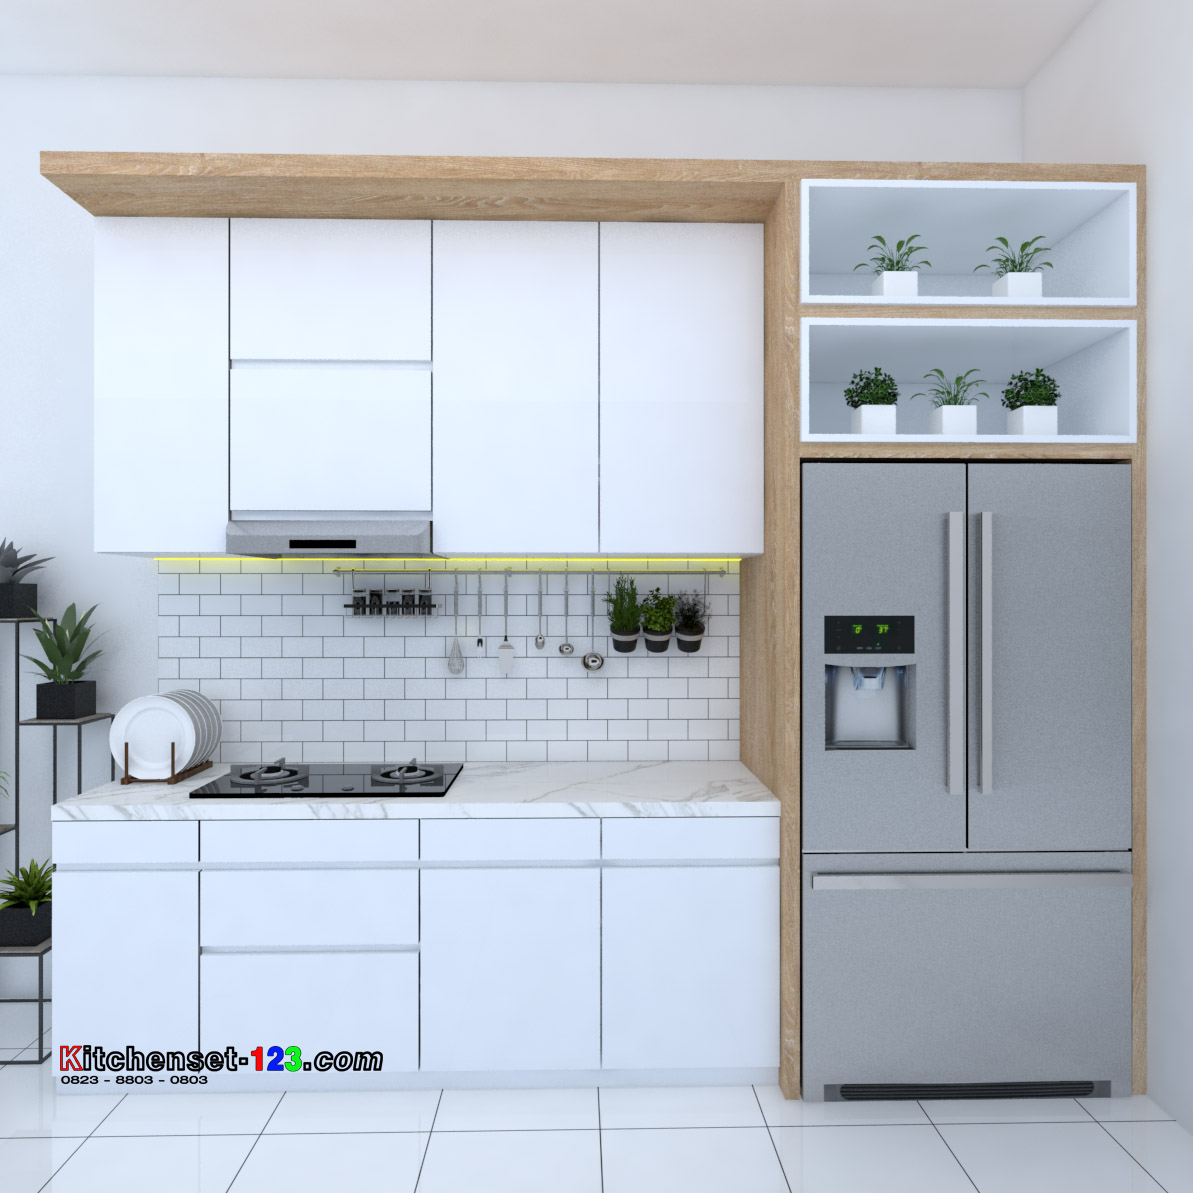 Kitchen set Pekayon Bekasi